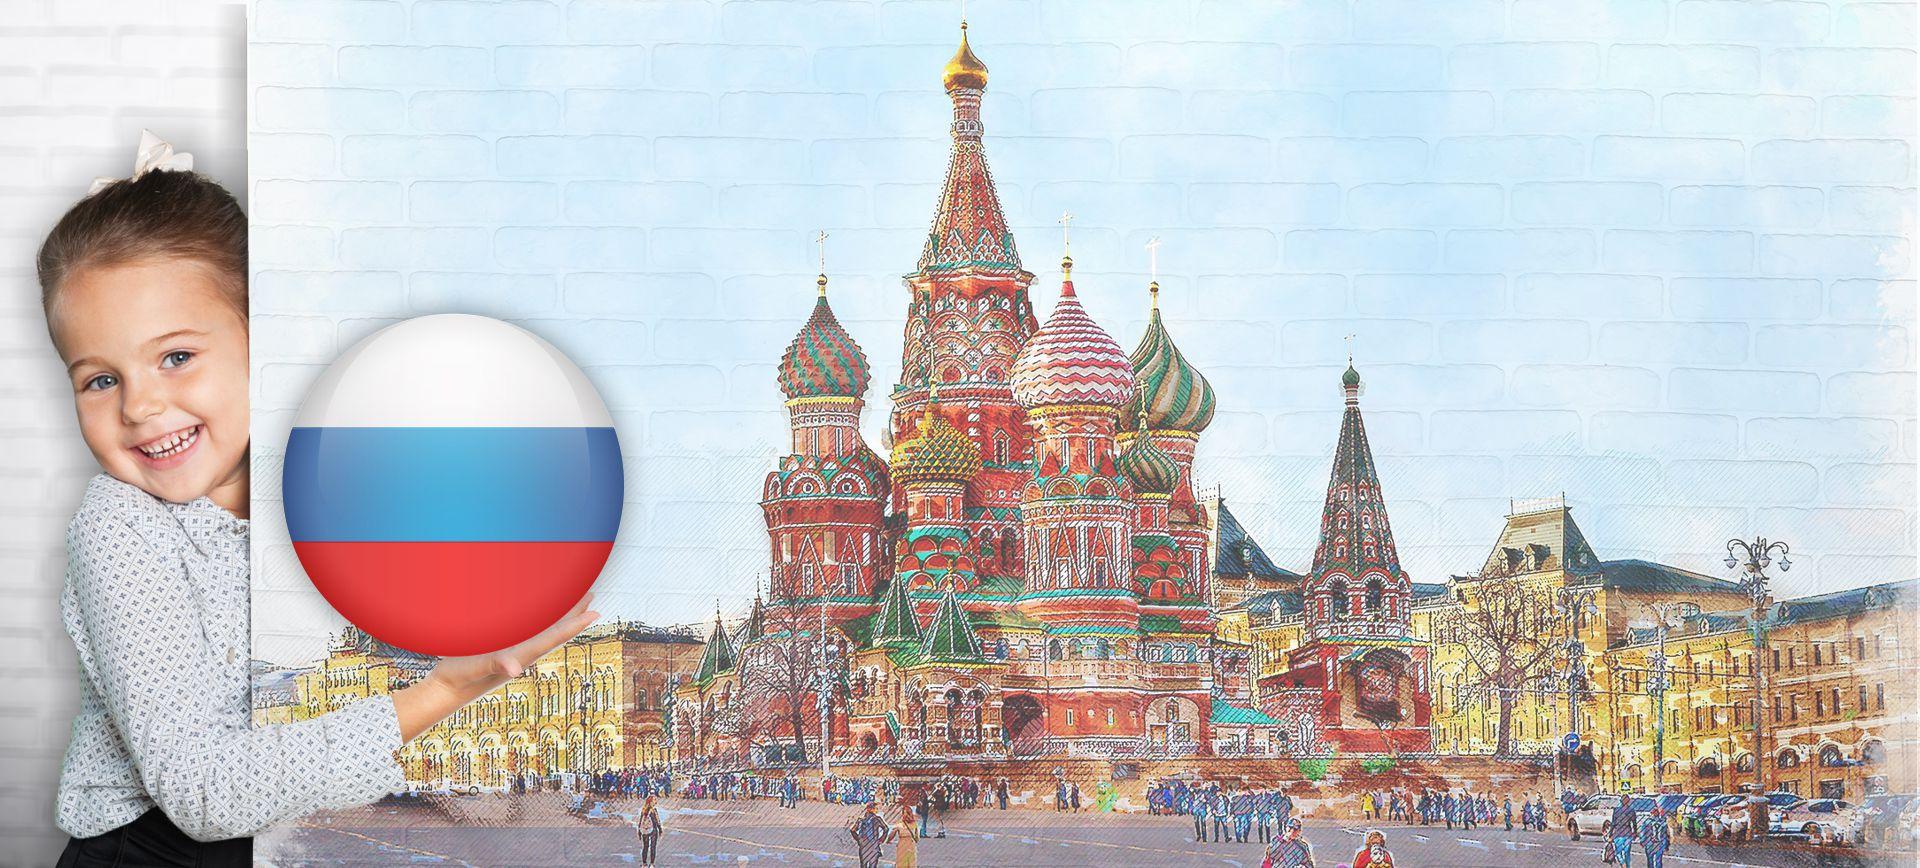 ruski-jezik-za-bilingualnu-djecu